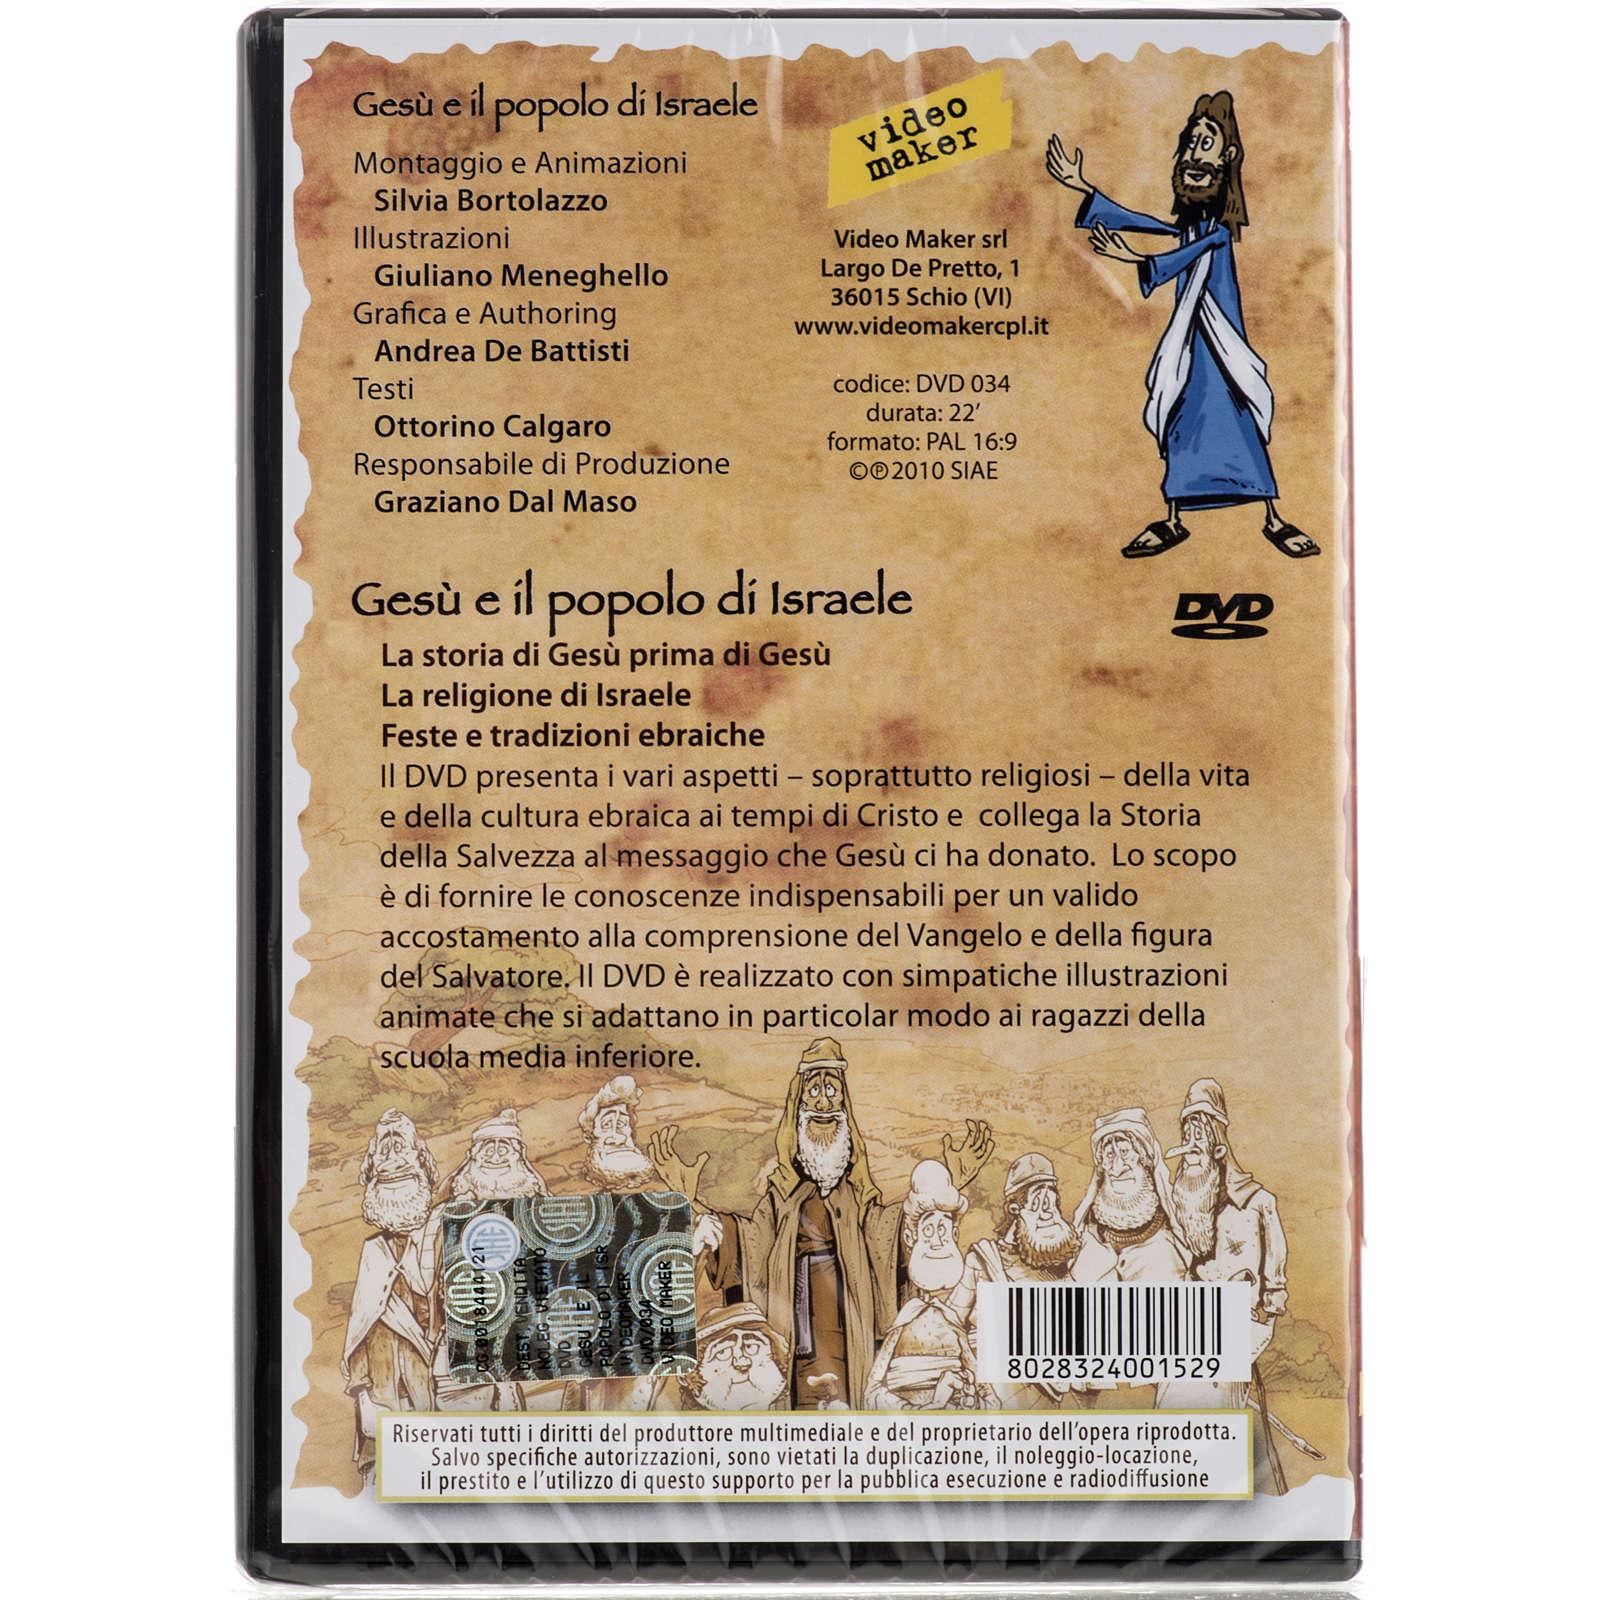 Gesù e il popolo di Israele 3